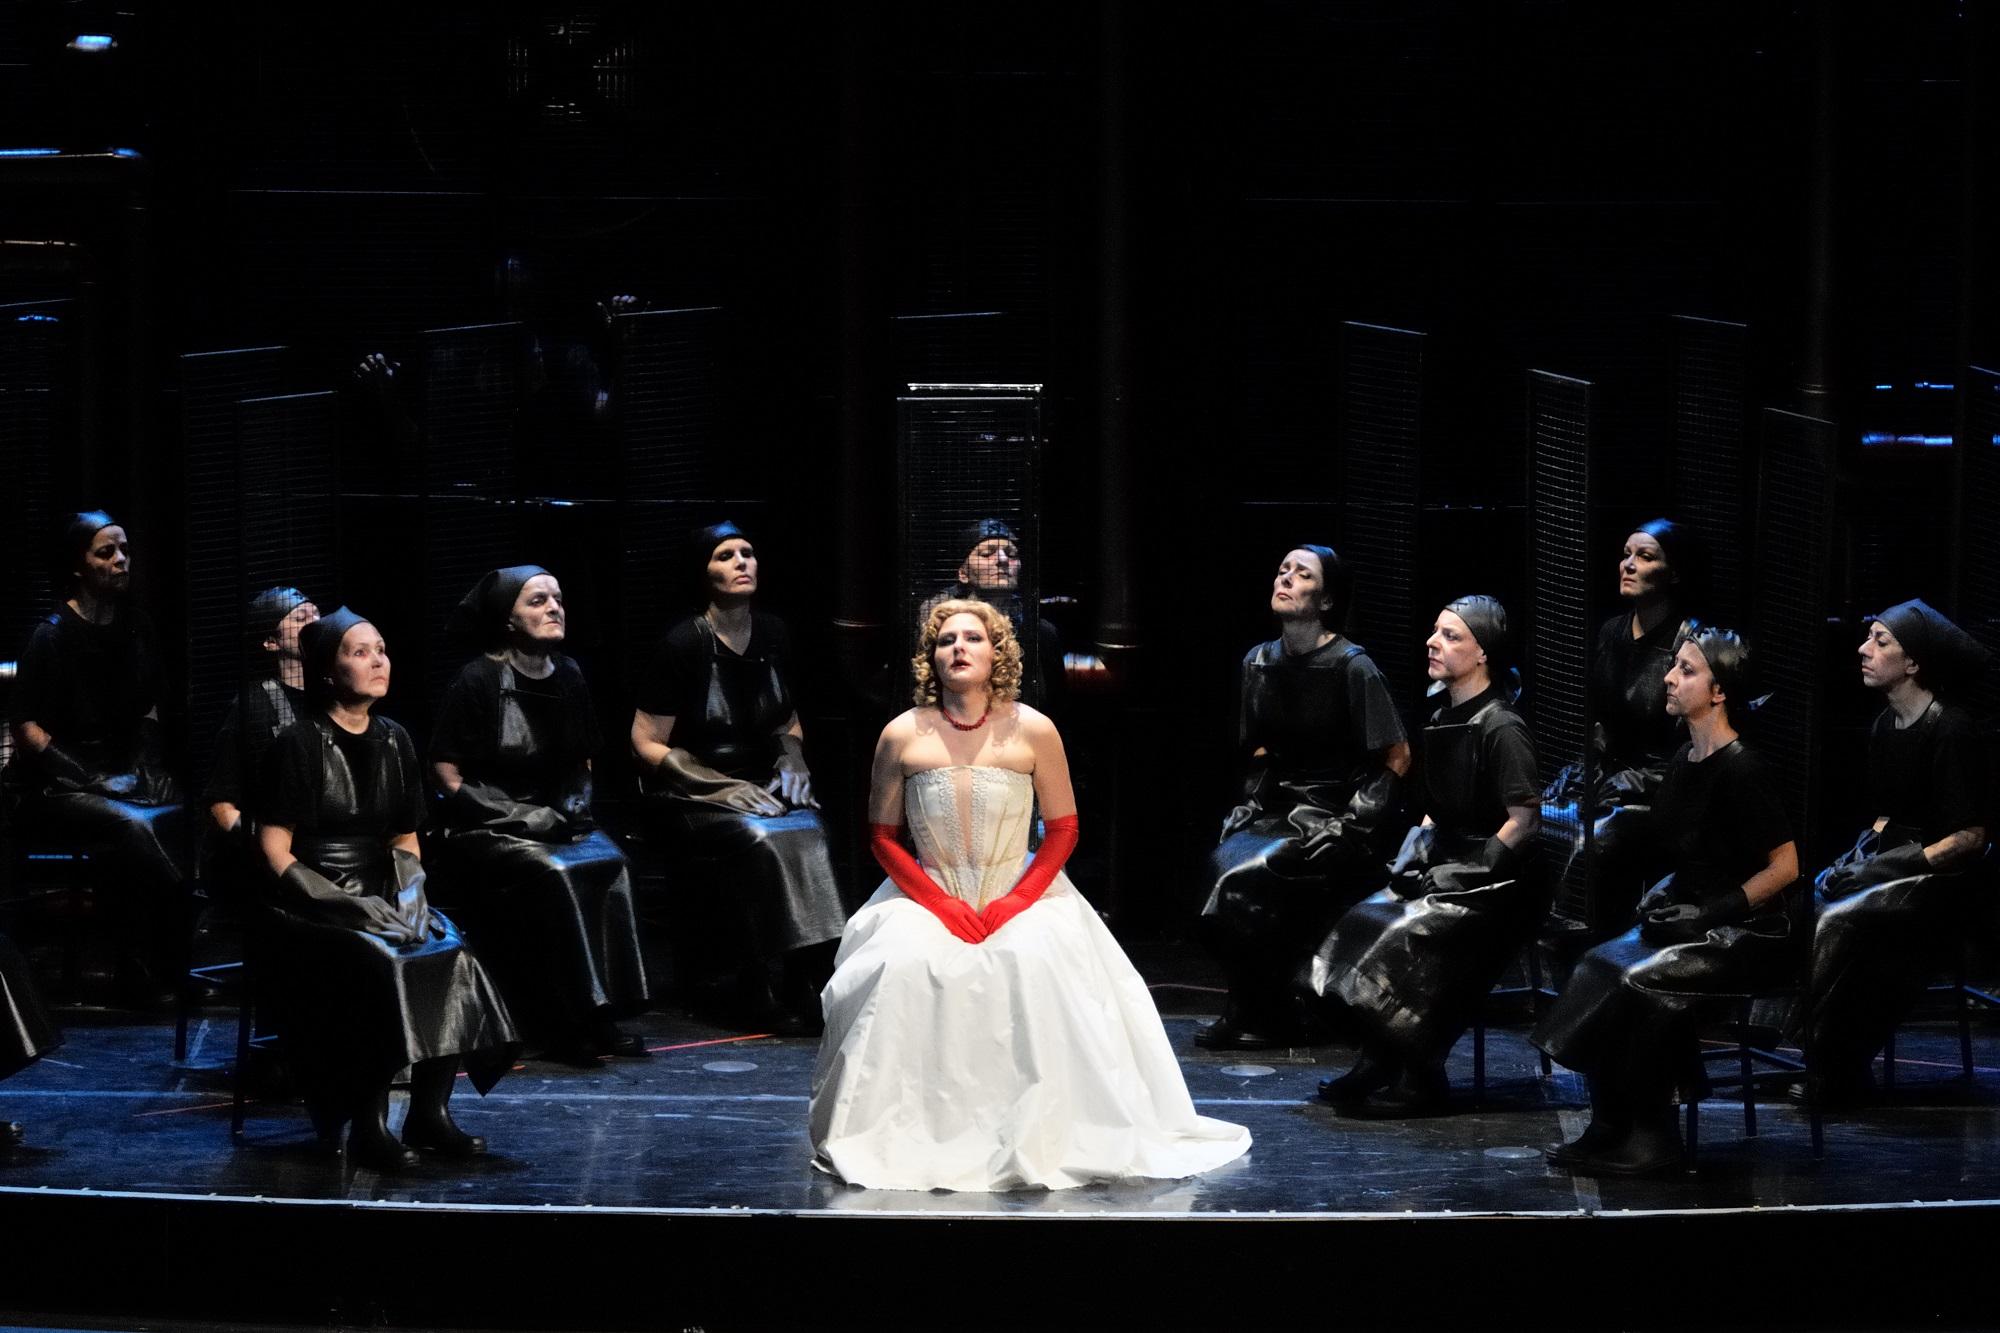 Sztuka Makbet wystawiana we włoskim teatrze Comunale Bologna (fot. Wikipedia)